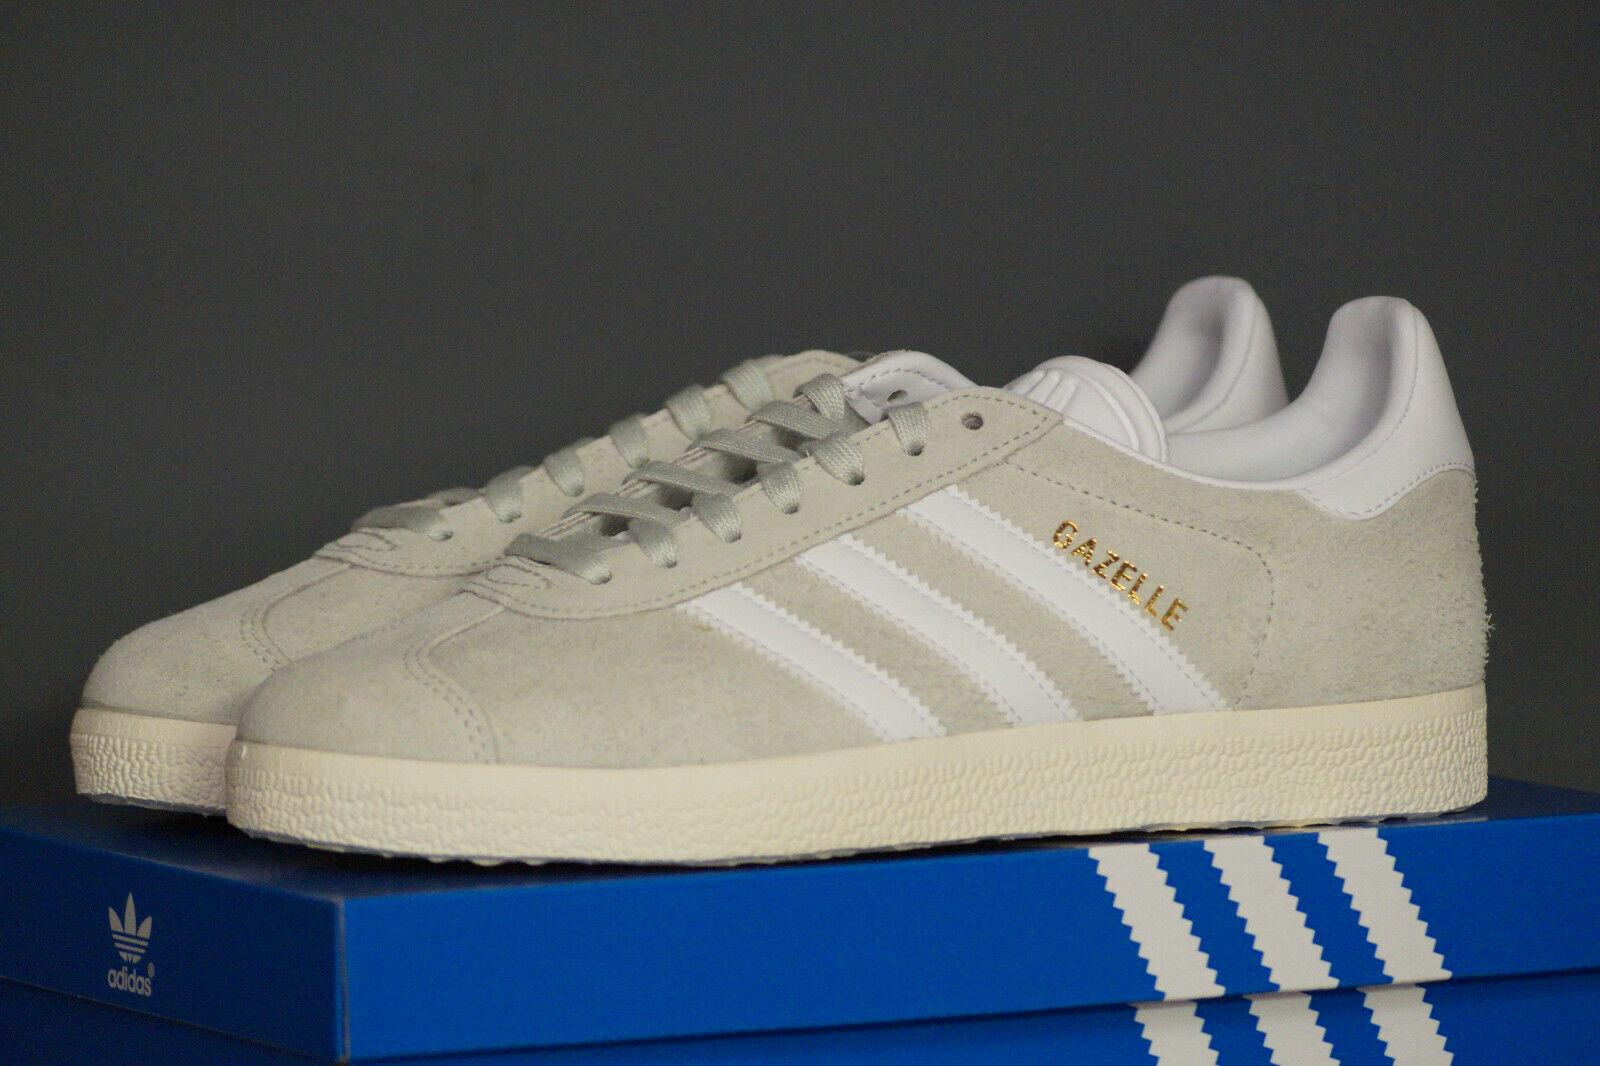 Adidas Originals gacela UE 36.6 UK 4 linen verde bz0023 serraje Suede zapatillas